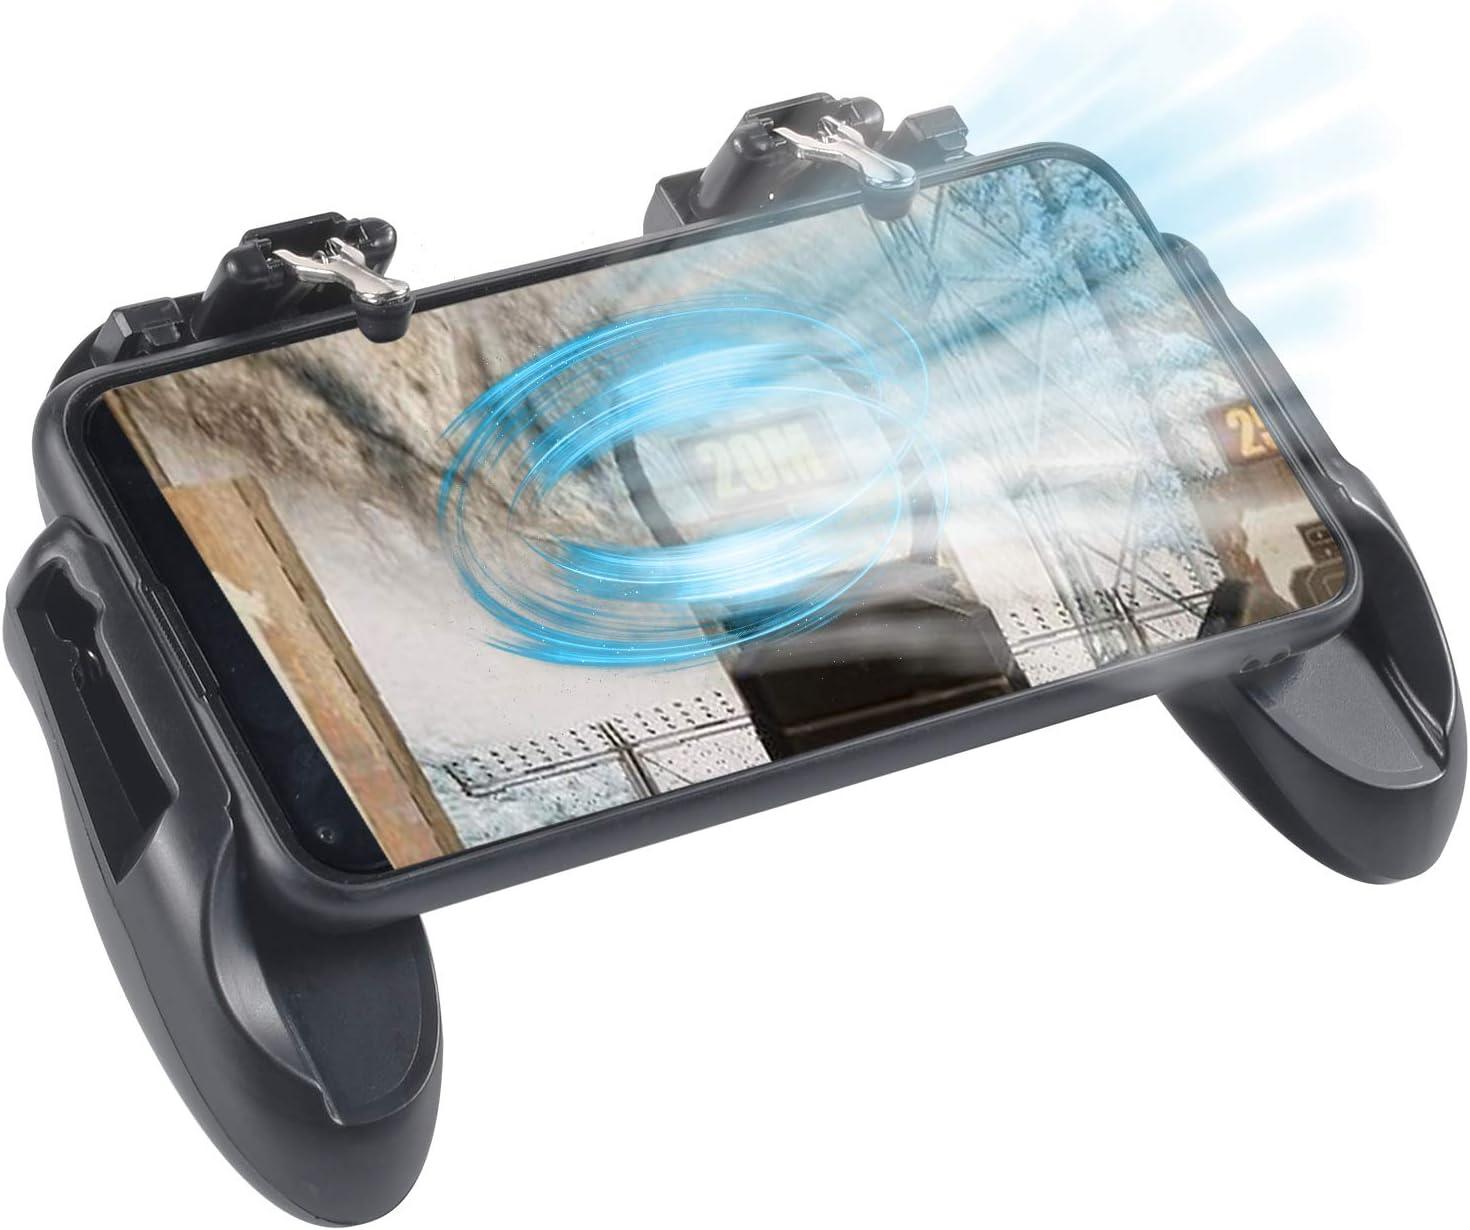 FGen Gamepad Android, Mando Para Movil, Mandos Para Movil, Disparador de 4.7 a 6.5 Pulgadas de Teléfonos Móviles con Ventilador de Enfriamiento, Mango de Metal